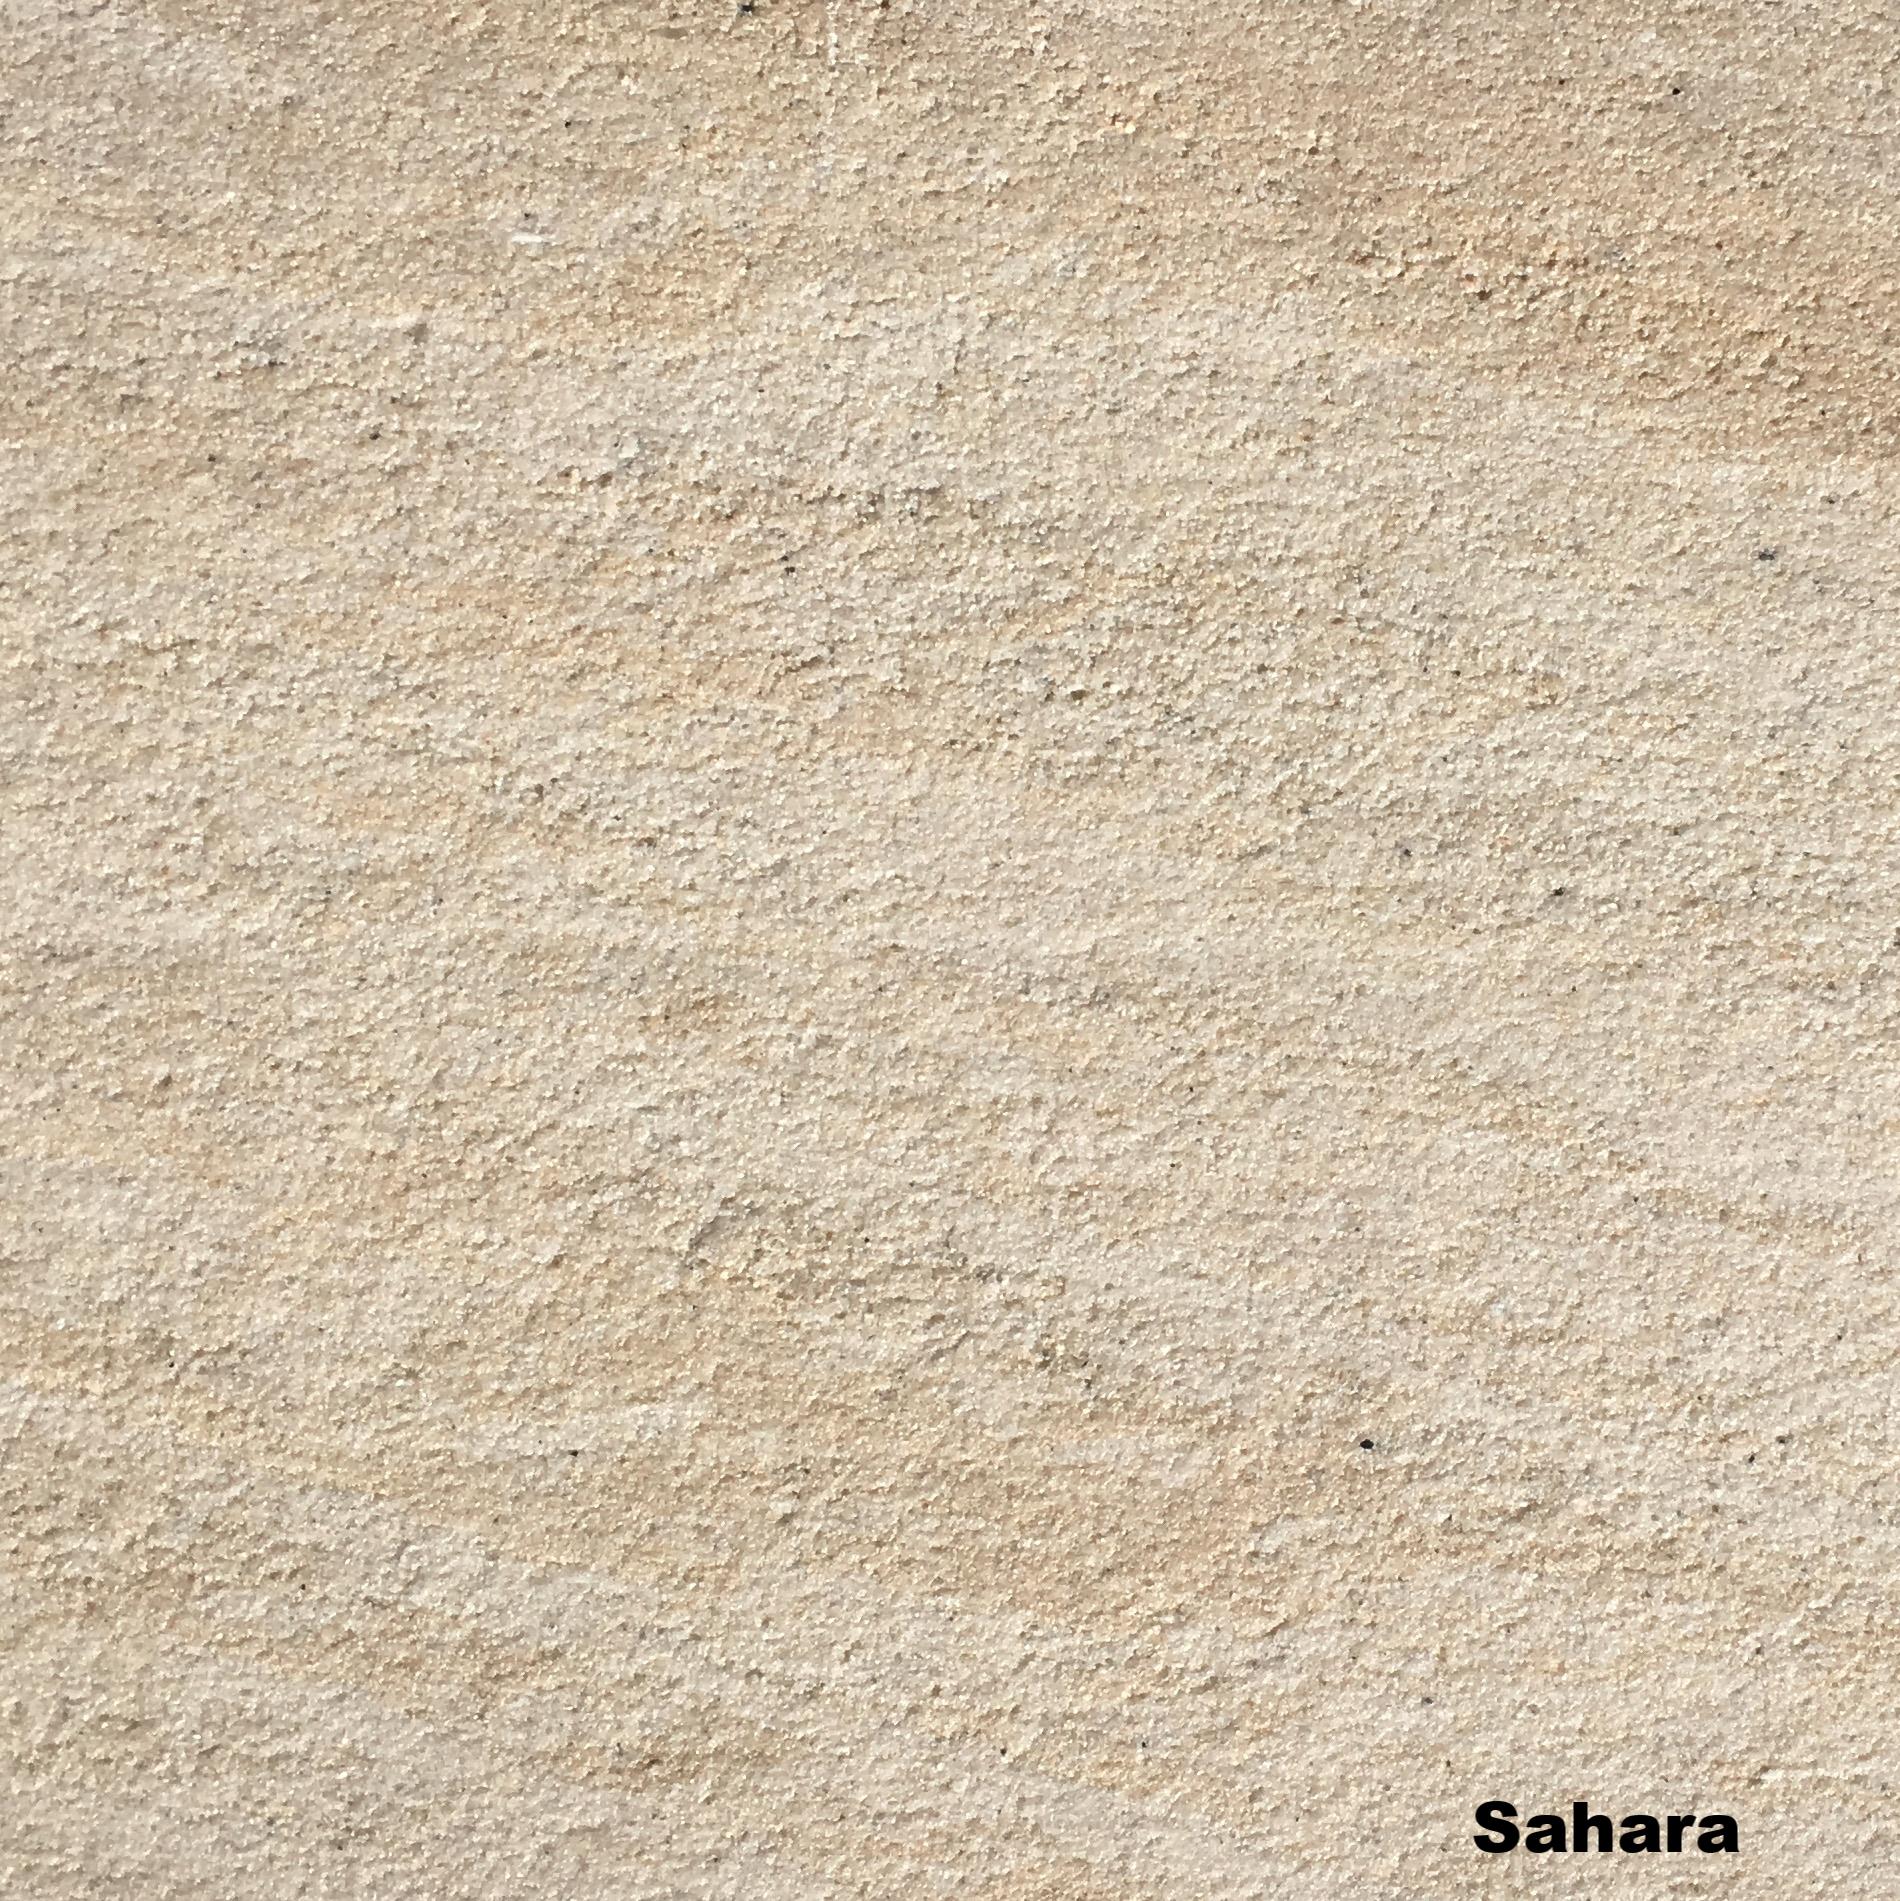 Sahara 900.JPG